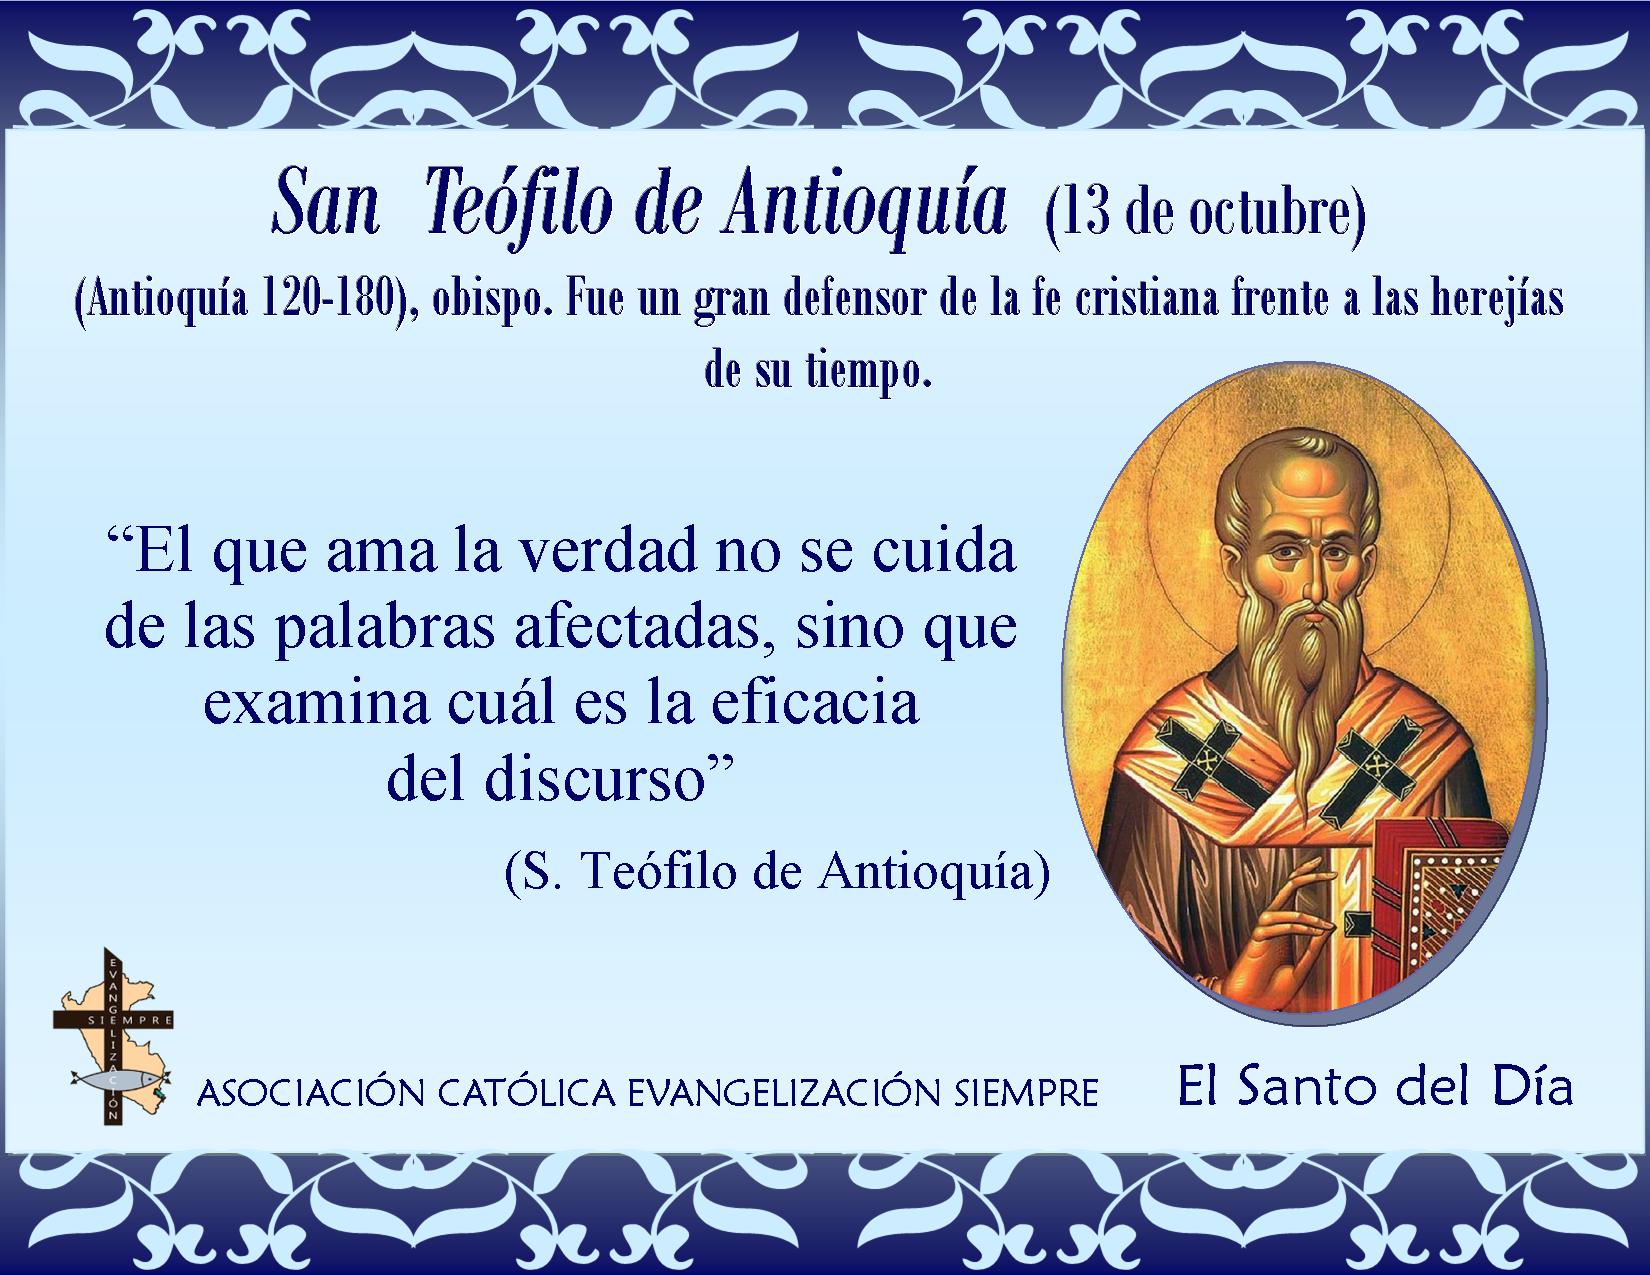 santo-del-dia-13-octubre